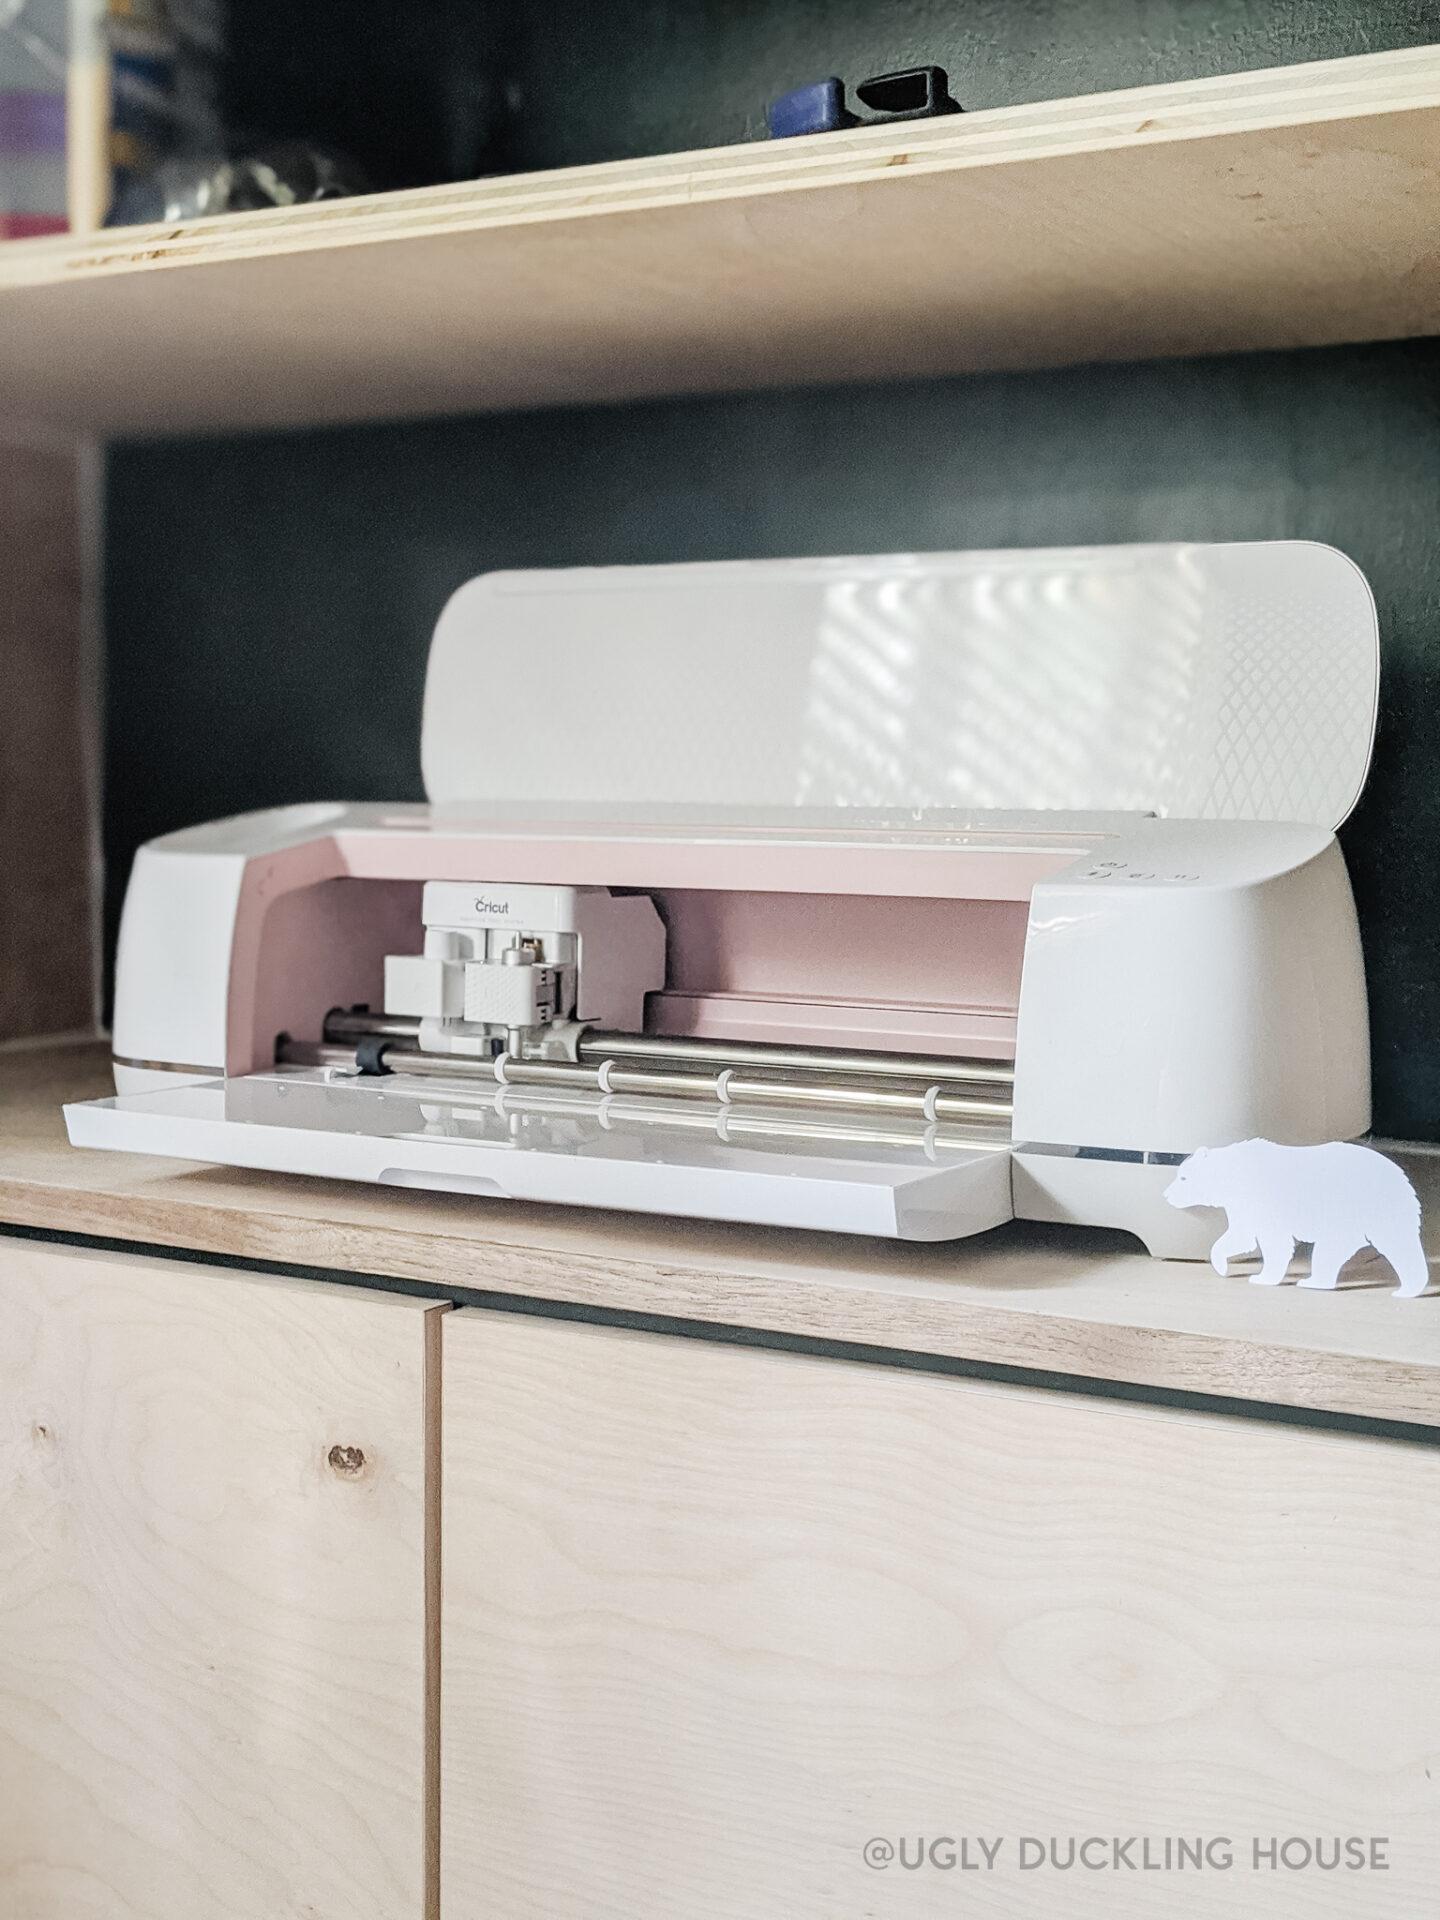 Cricut Maker machine set up in guest bedroom - easy setup